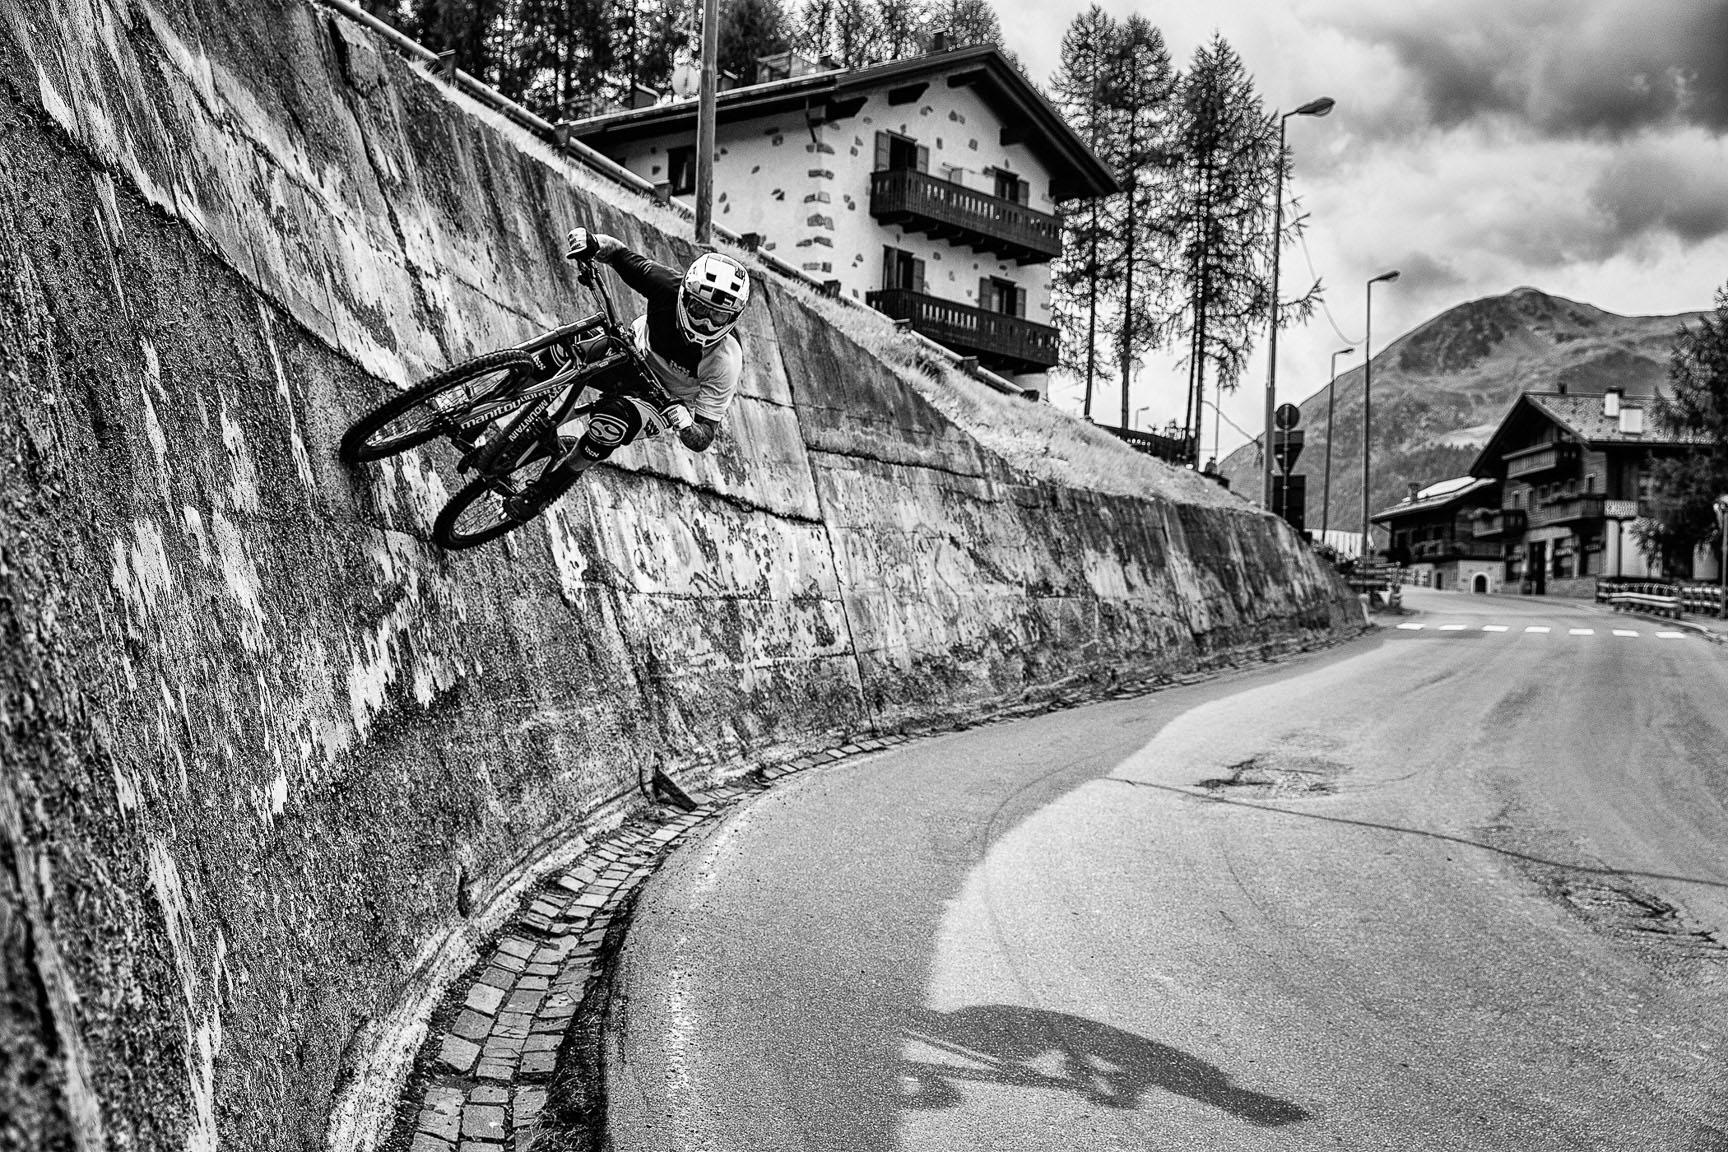 Geoff Gulevich, Italy